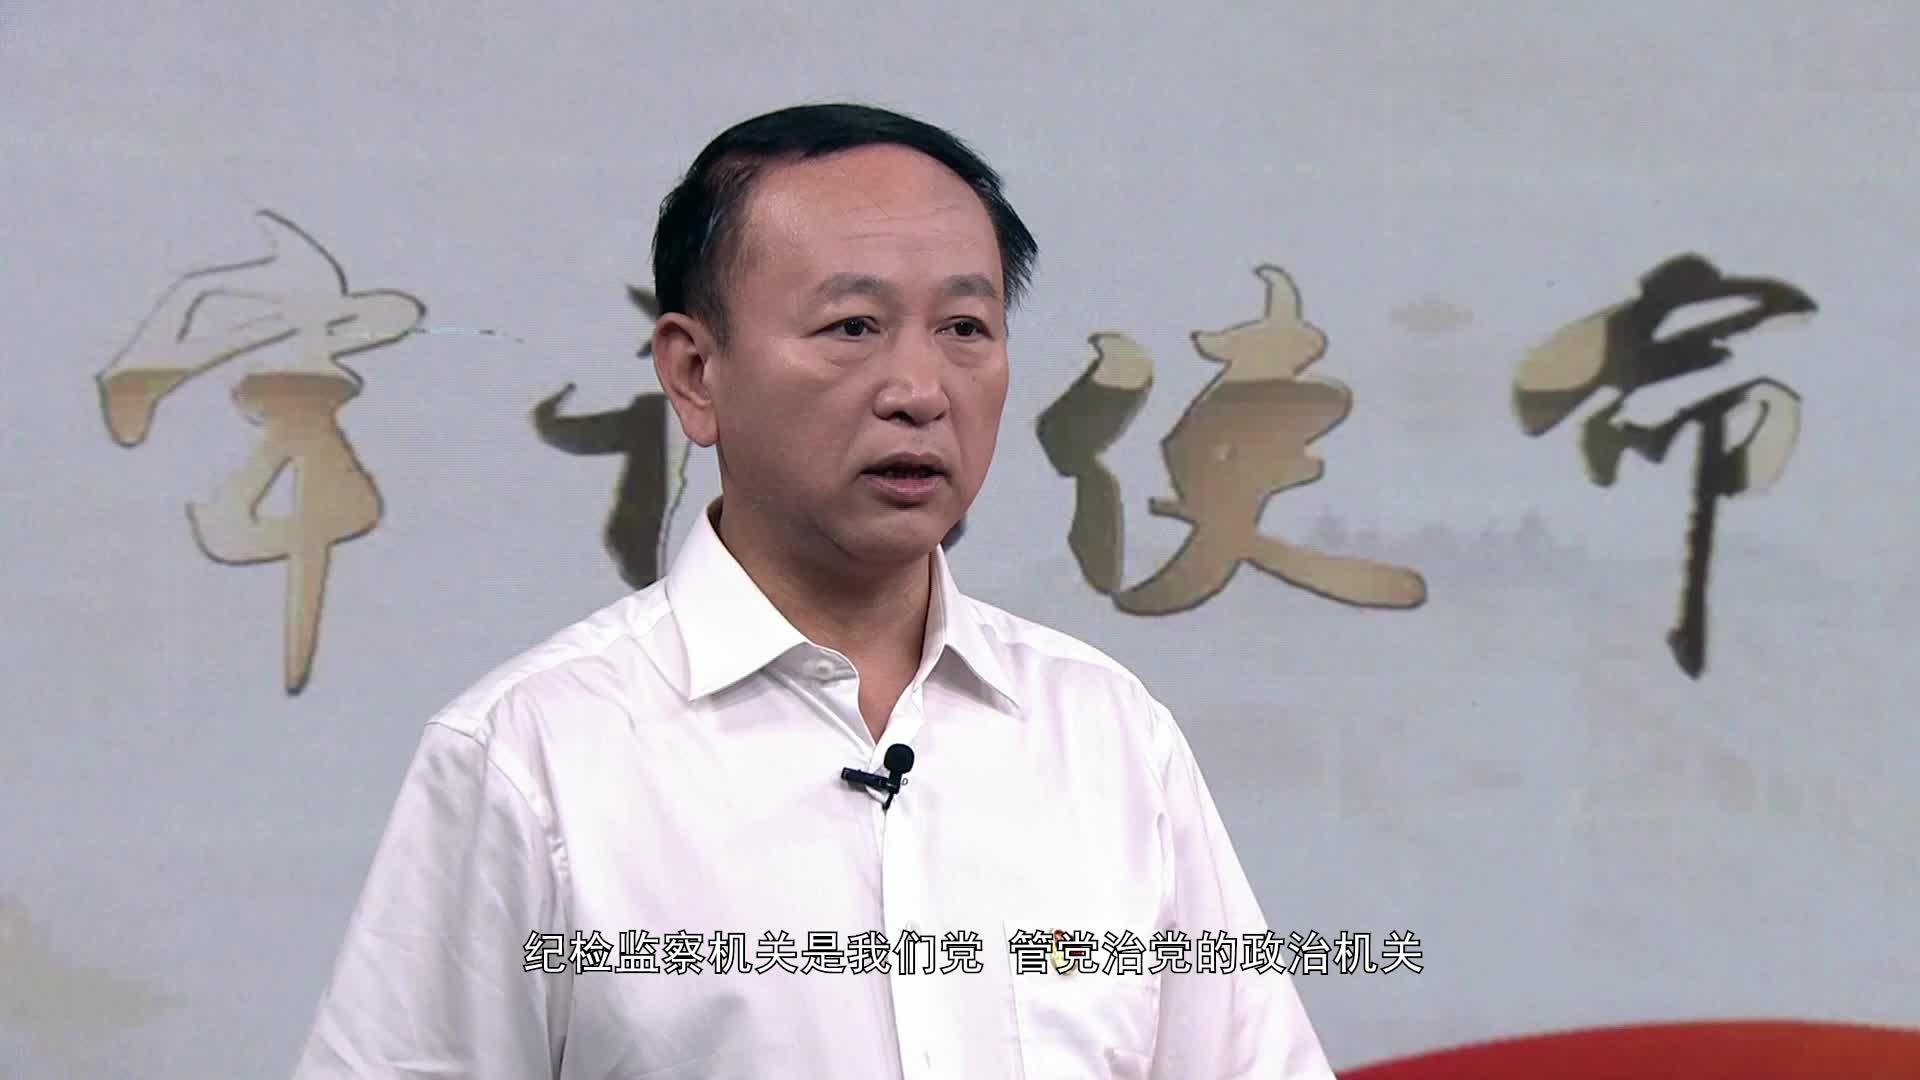 【廉政频道】微访谈:西安市委常委、市纪委书记谈初心